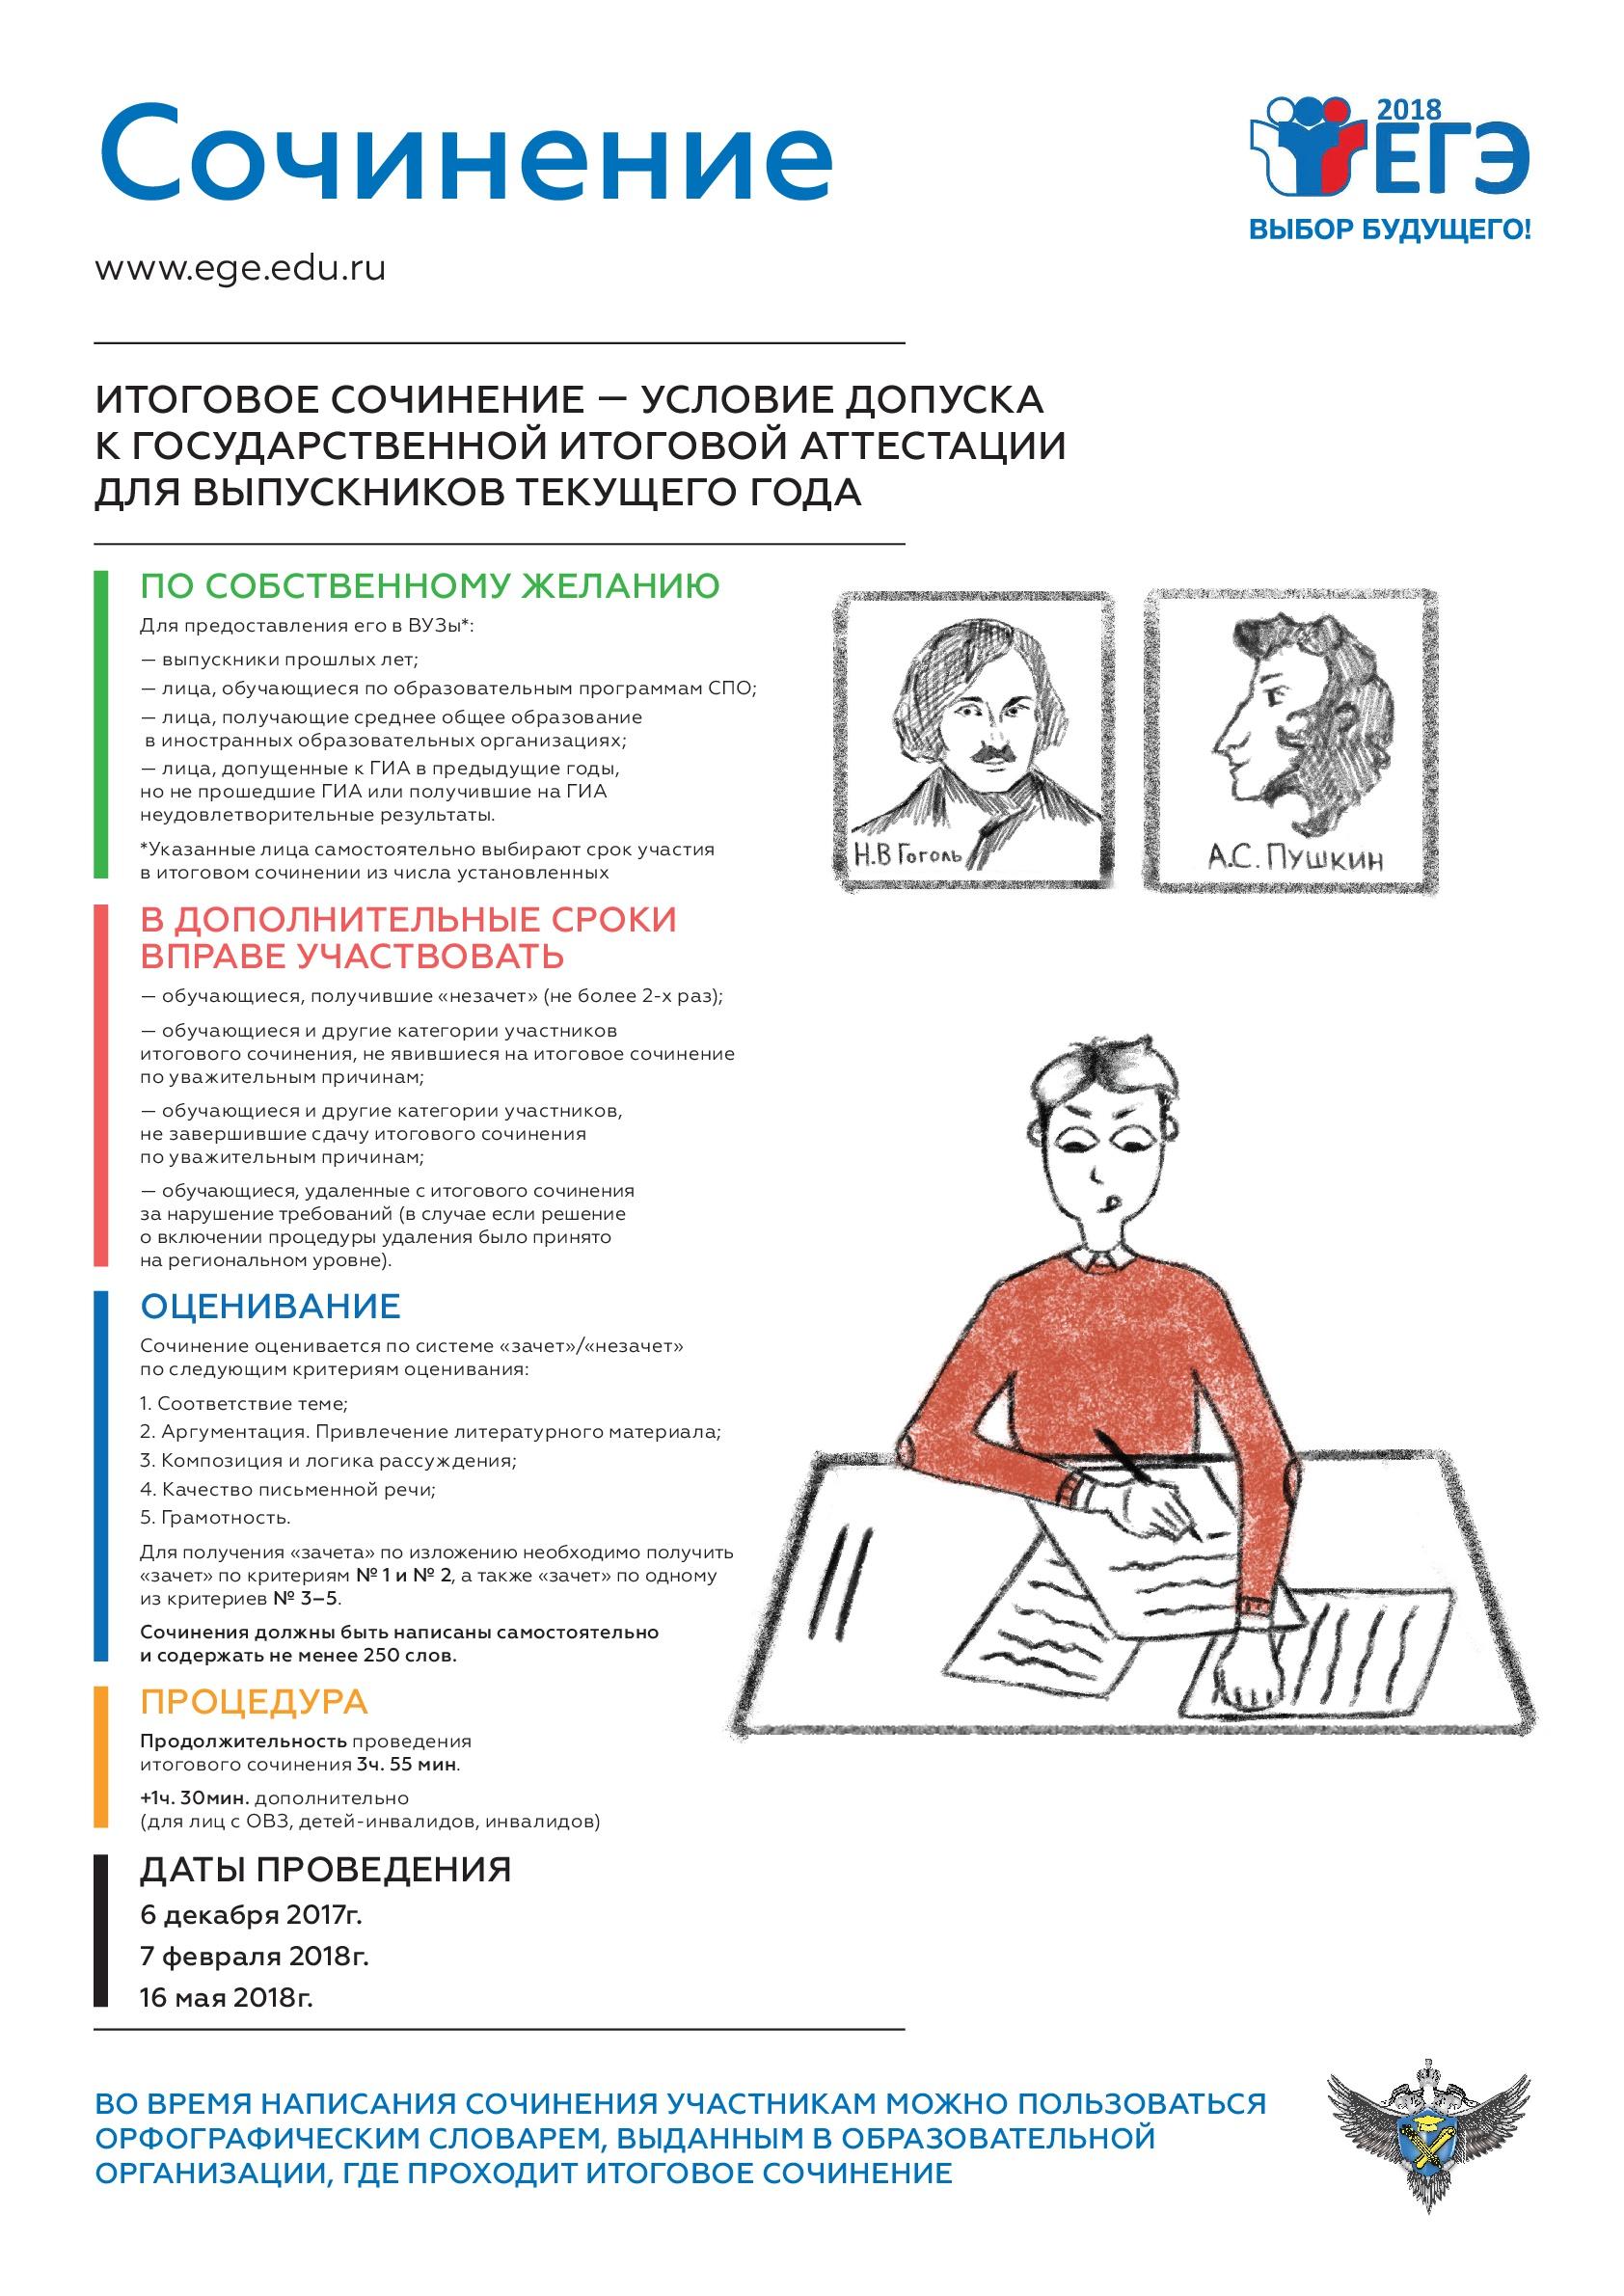 Инструкция по проведению итоговой аттестации выпускников школ в 2018 году